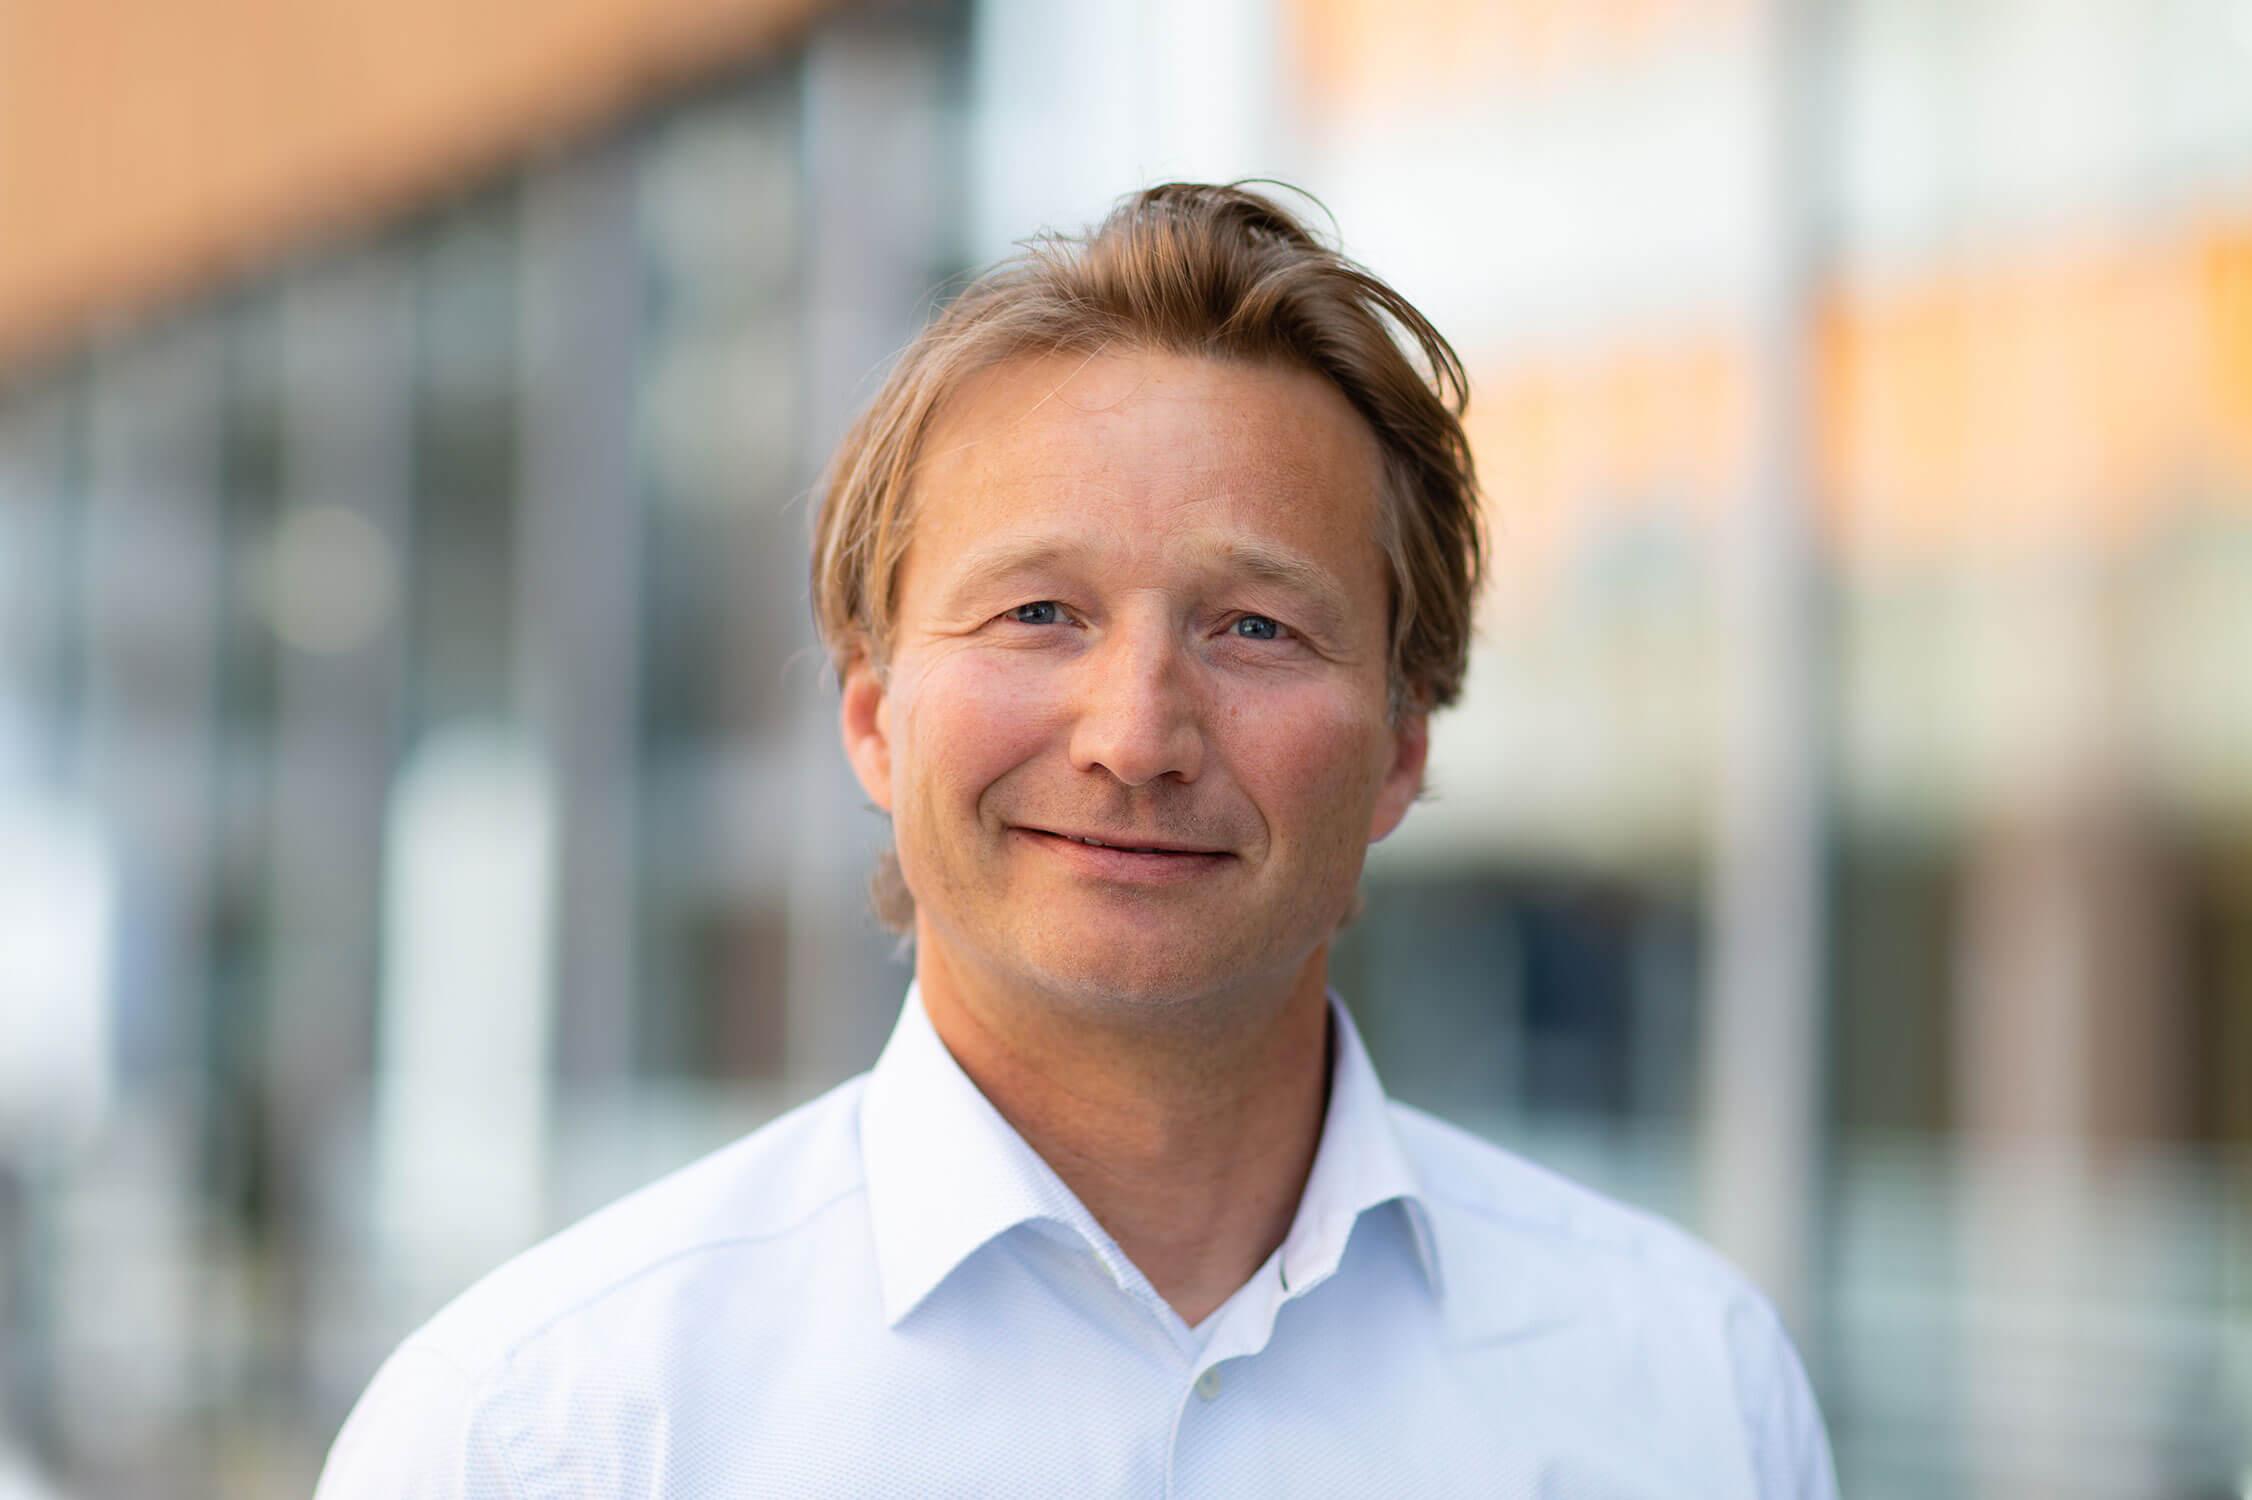 Richard E. Schiørn, EVP Solution & Delivery - Global Managed Services